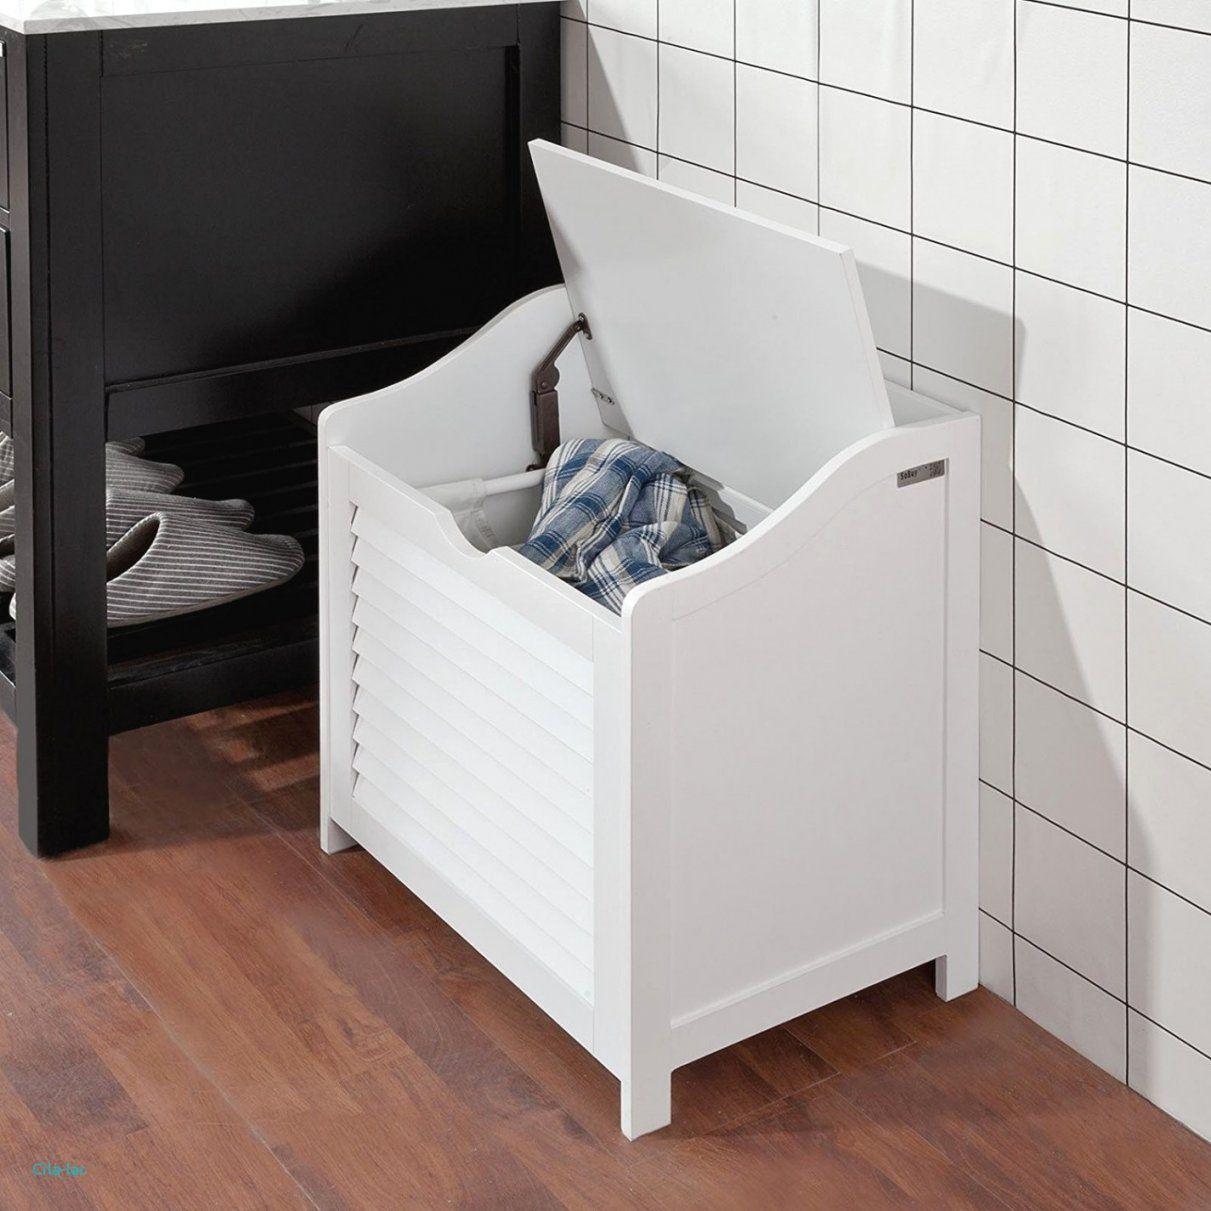 Neueste Frische Badezimmerschrank Mit Integriertem Wäschekorb von Badschrank Mit Integriertem Wäschekorb Photo